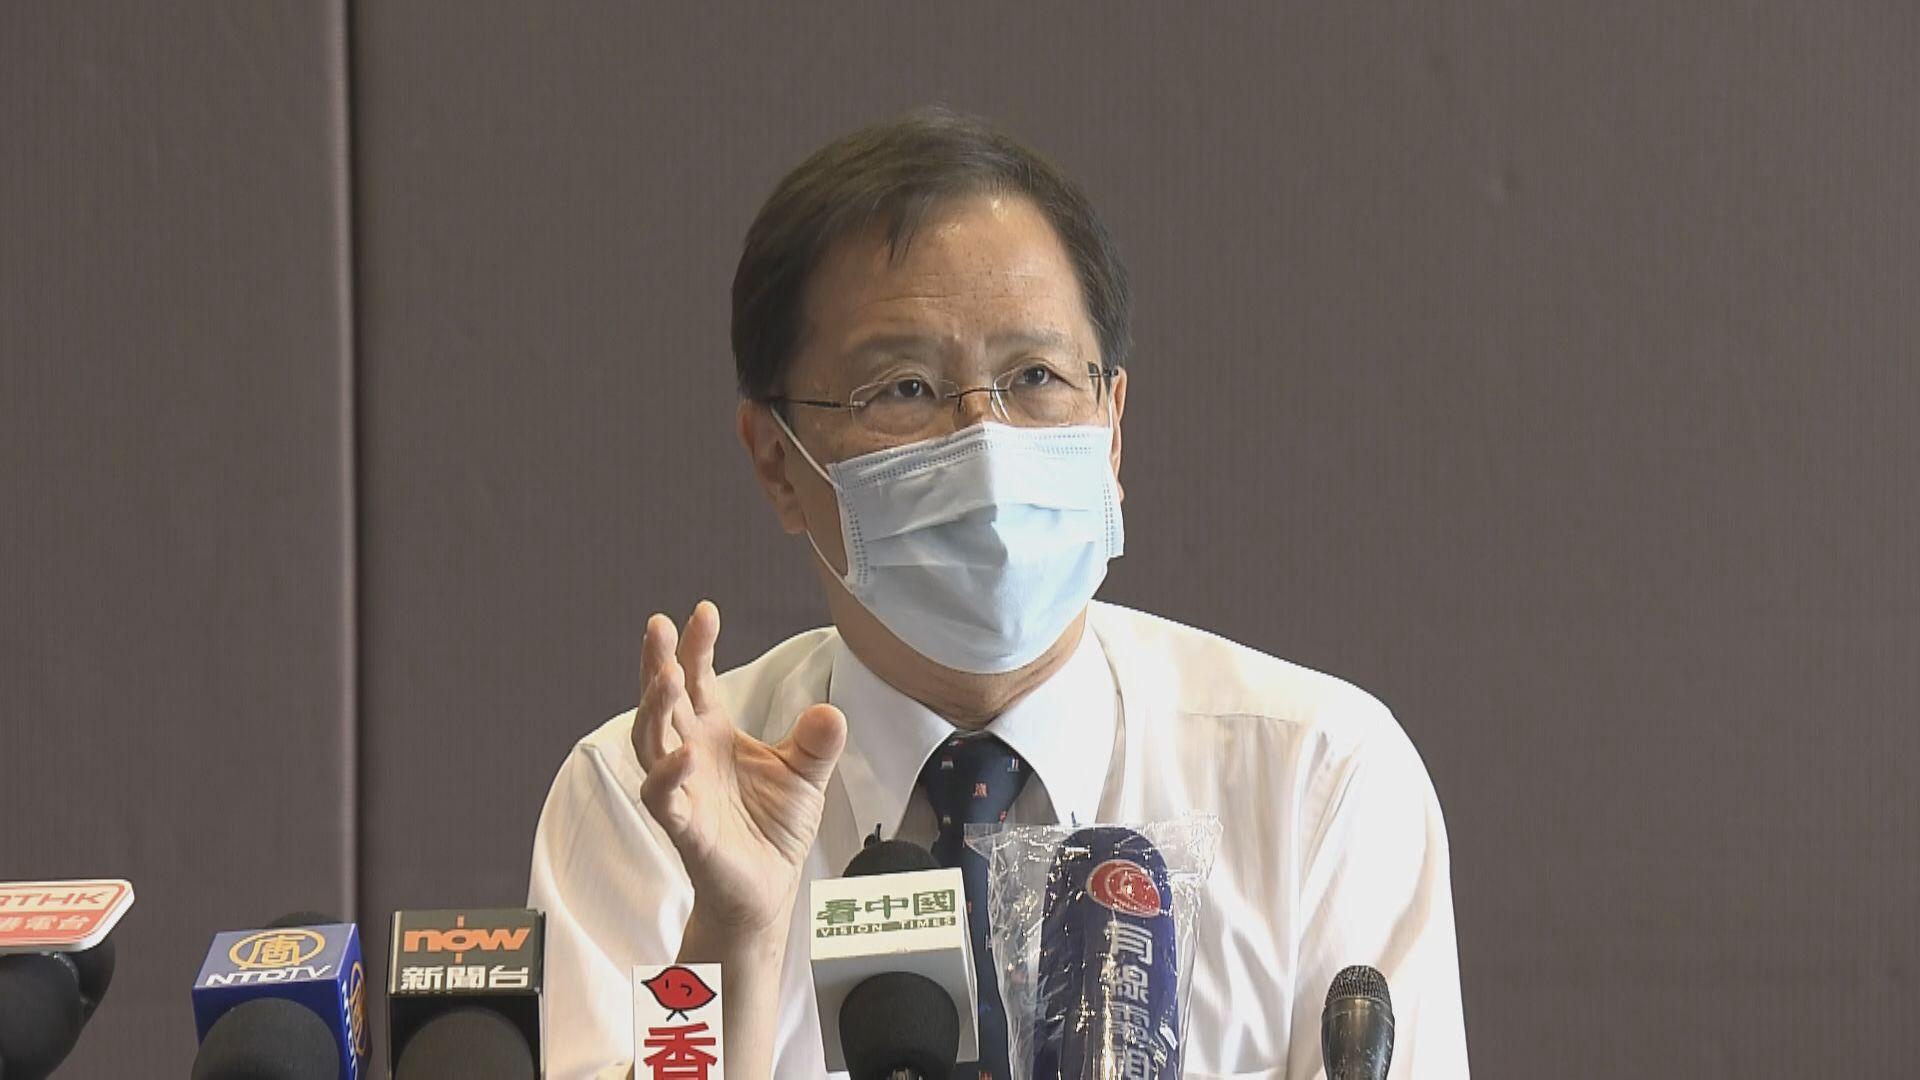 郭家麒:憂低年級醫科生缺臨床經驗令檢毒變播毒